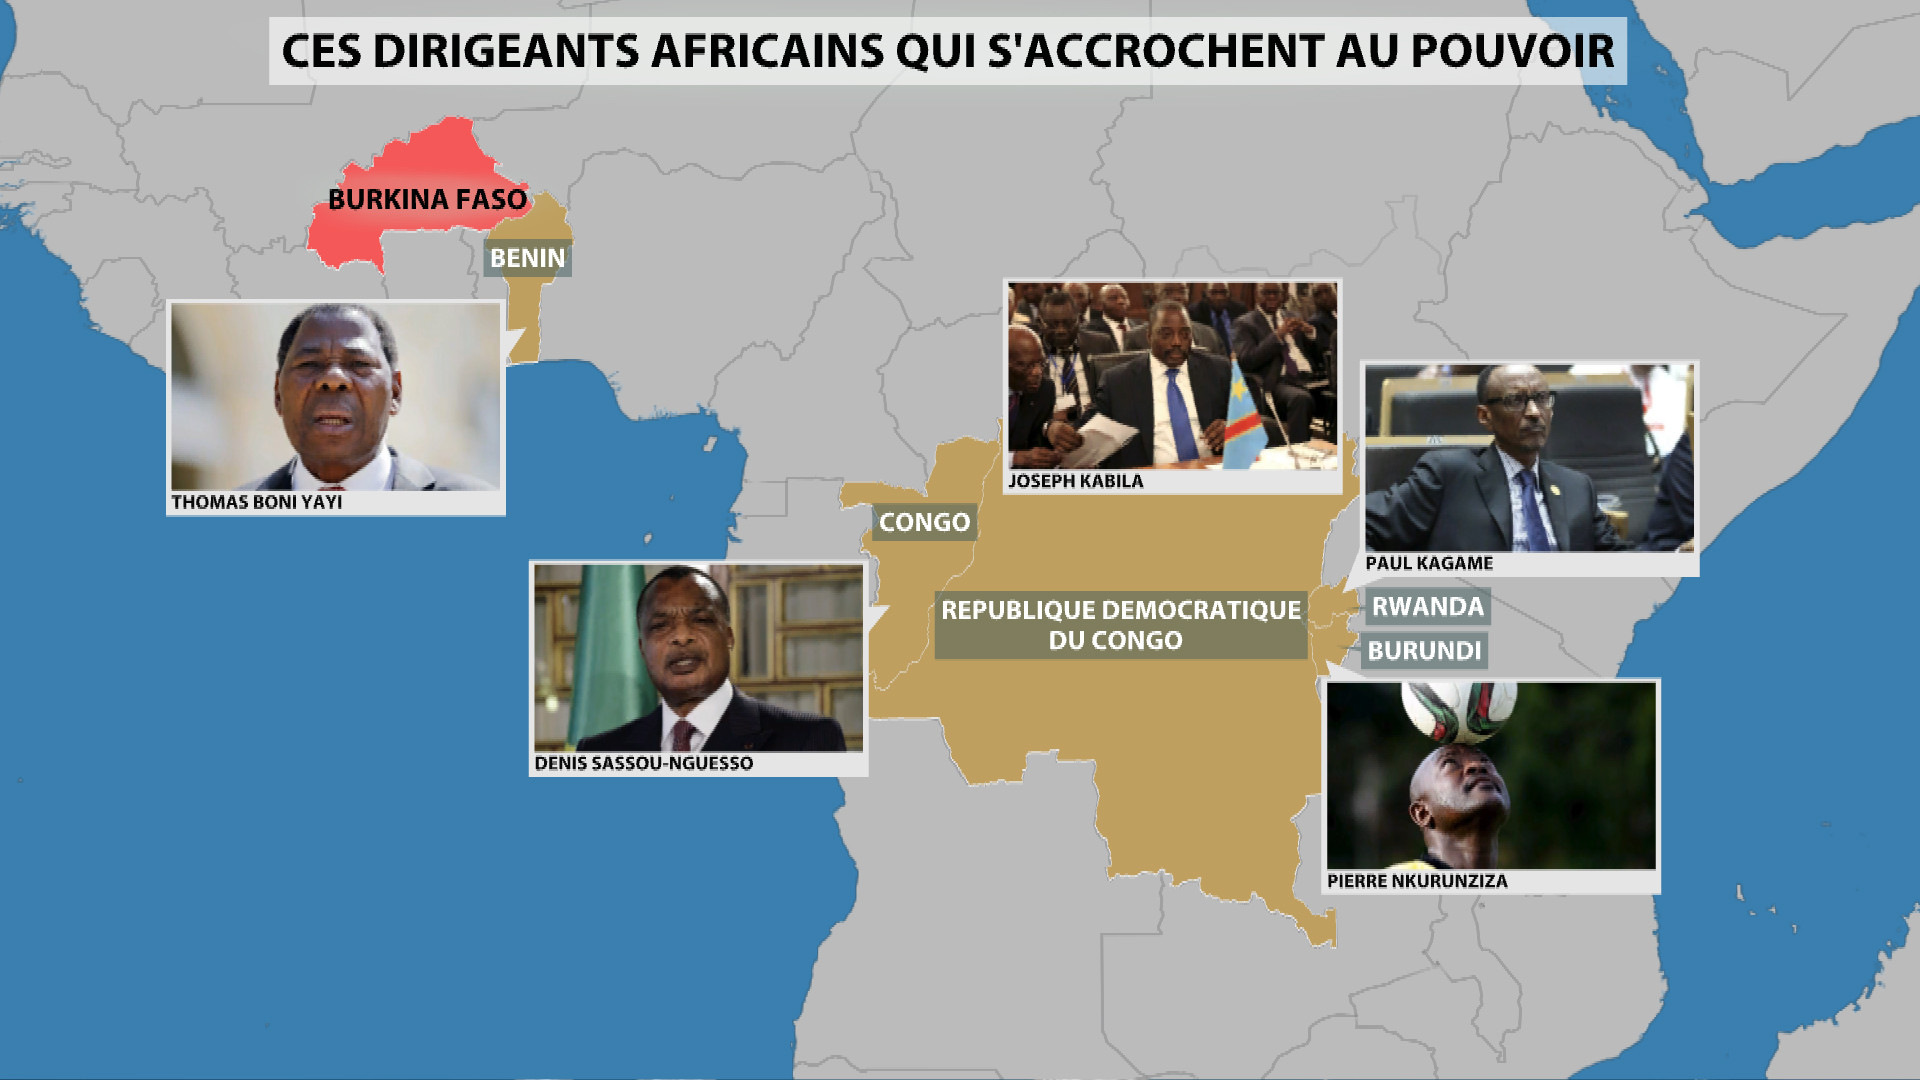 Ces dirigeants africains qui s'accrochent au pouvoir